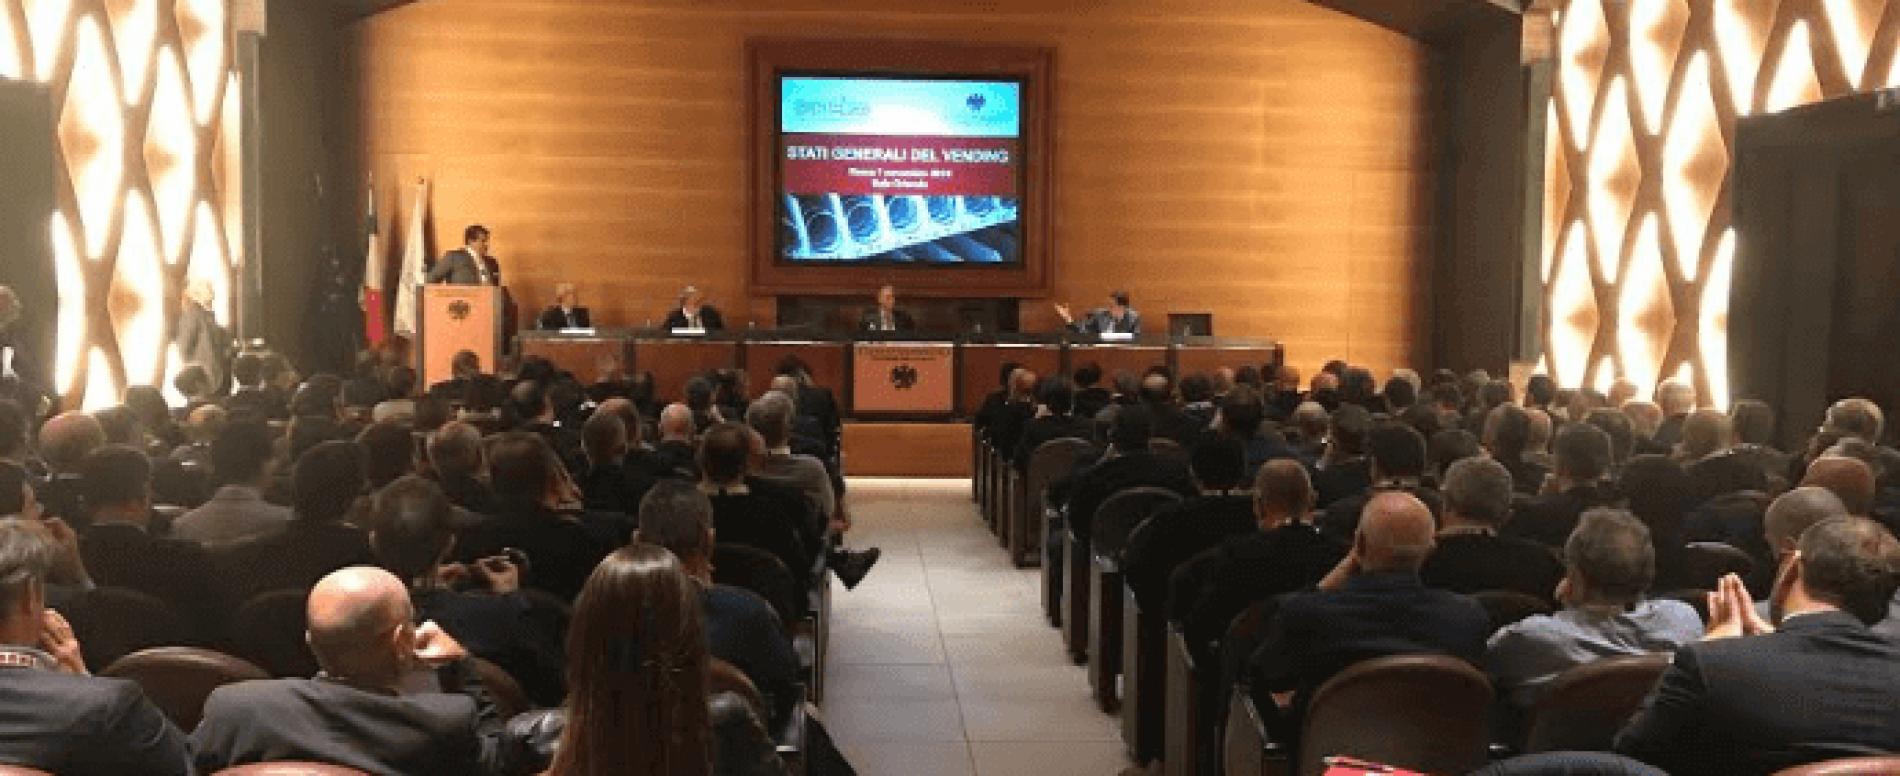 Stati Generali del Vending 2018: il punto sulla Distribuzione Automatica